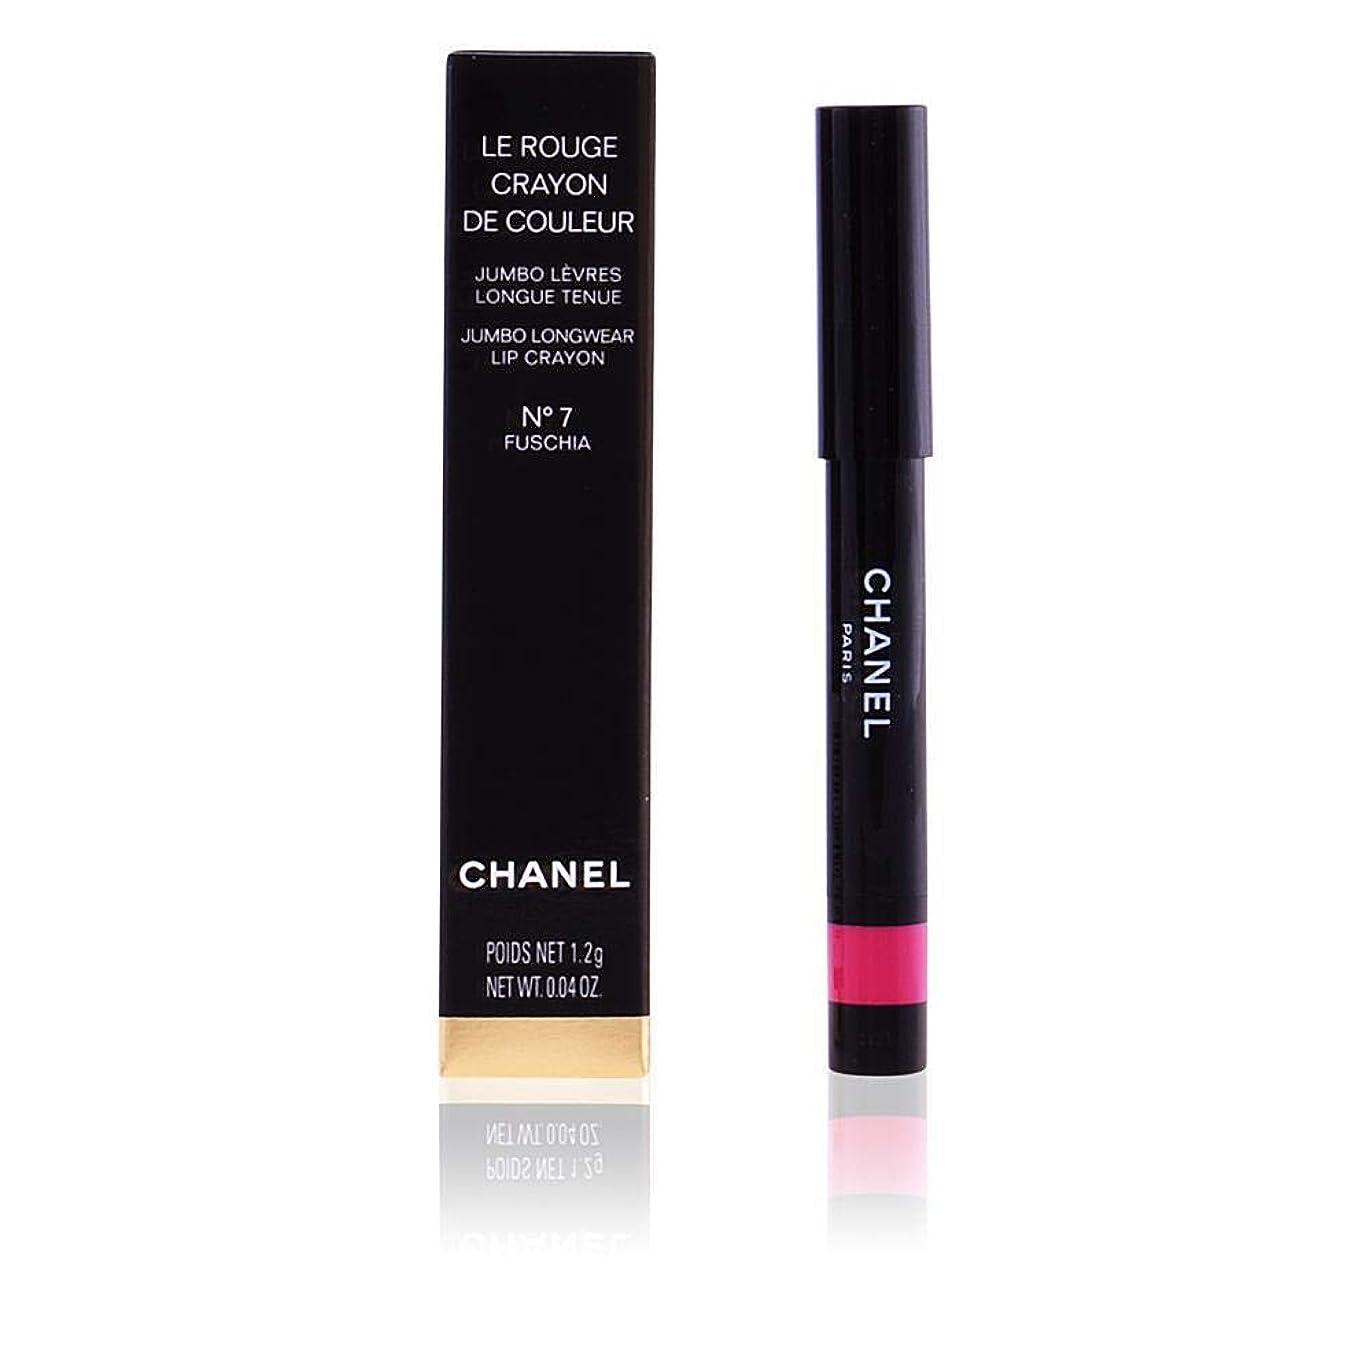 ページアーク音節シャネル Le Rouge Crayon De Couleur Jumbo Longwear Lip Crayon - # 2 Rose Violine 1.2g/0.04oz並行輸入品